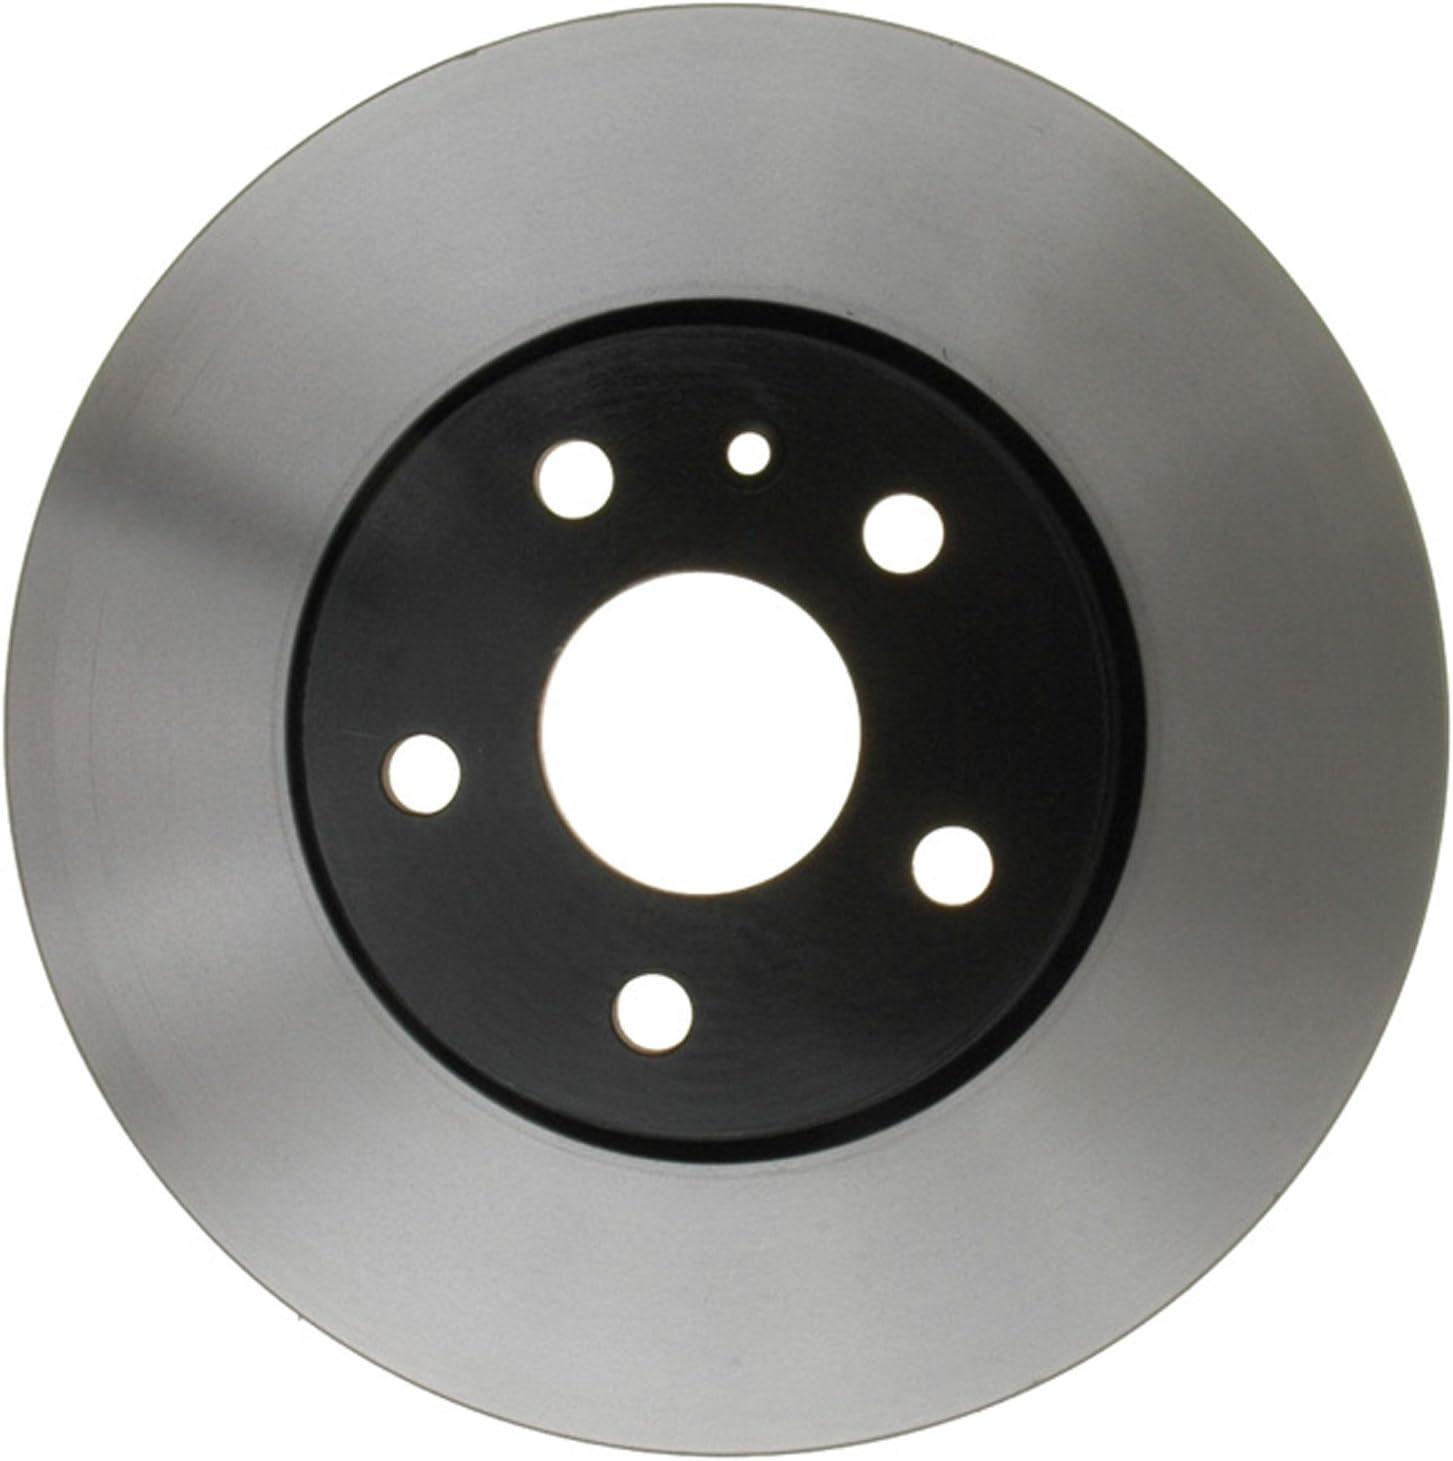 Disc Brake Rotor Rear ACDelco Pro Brakes 18A81999